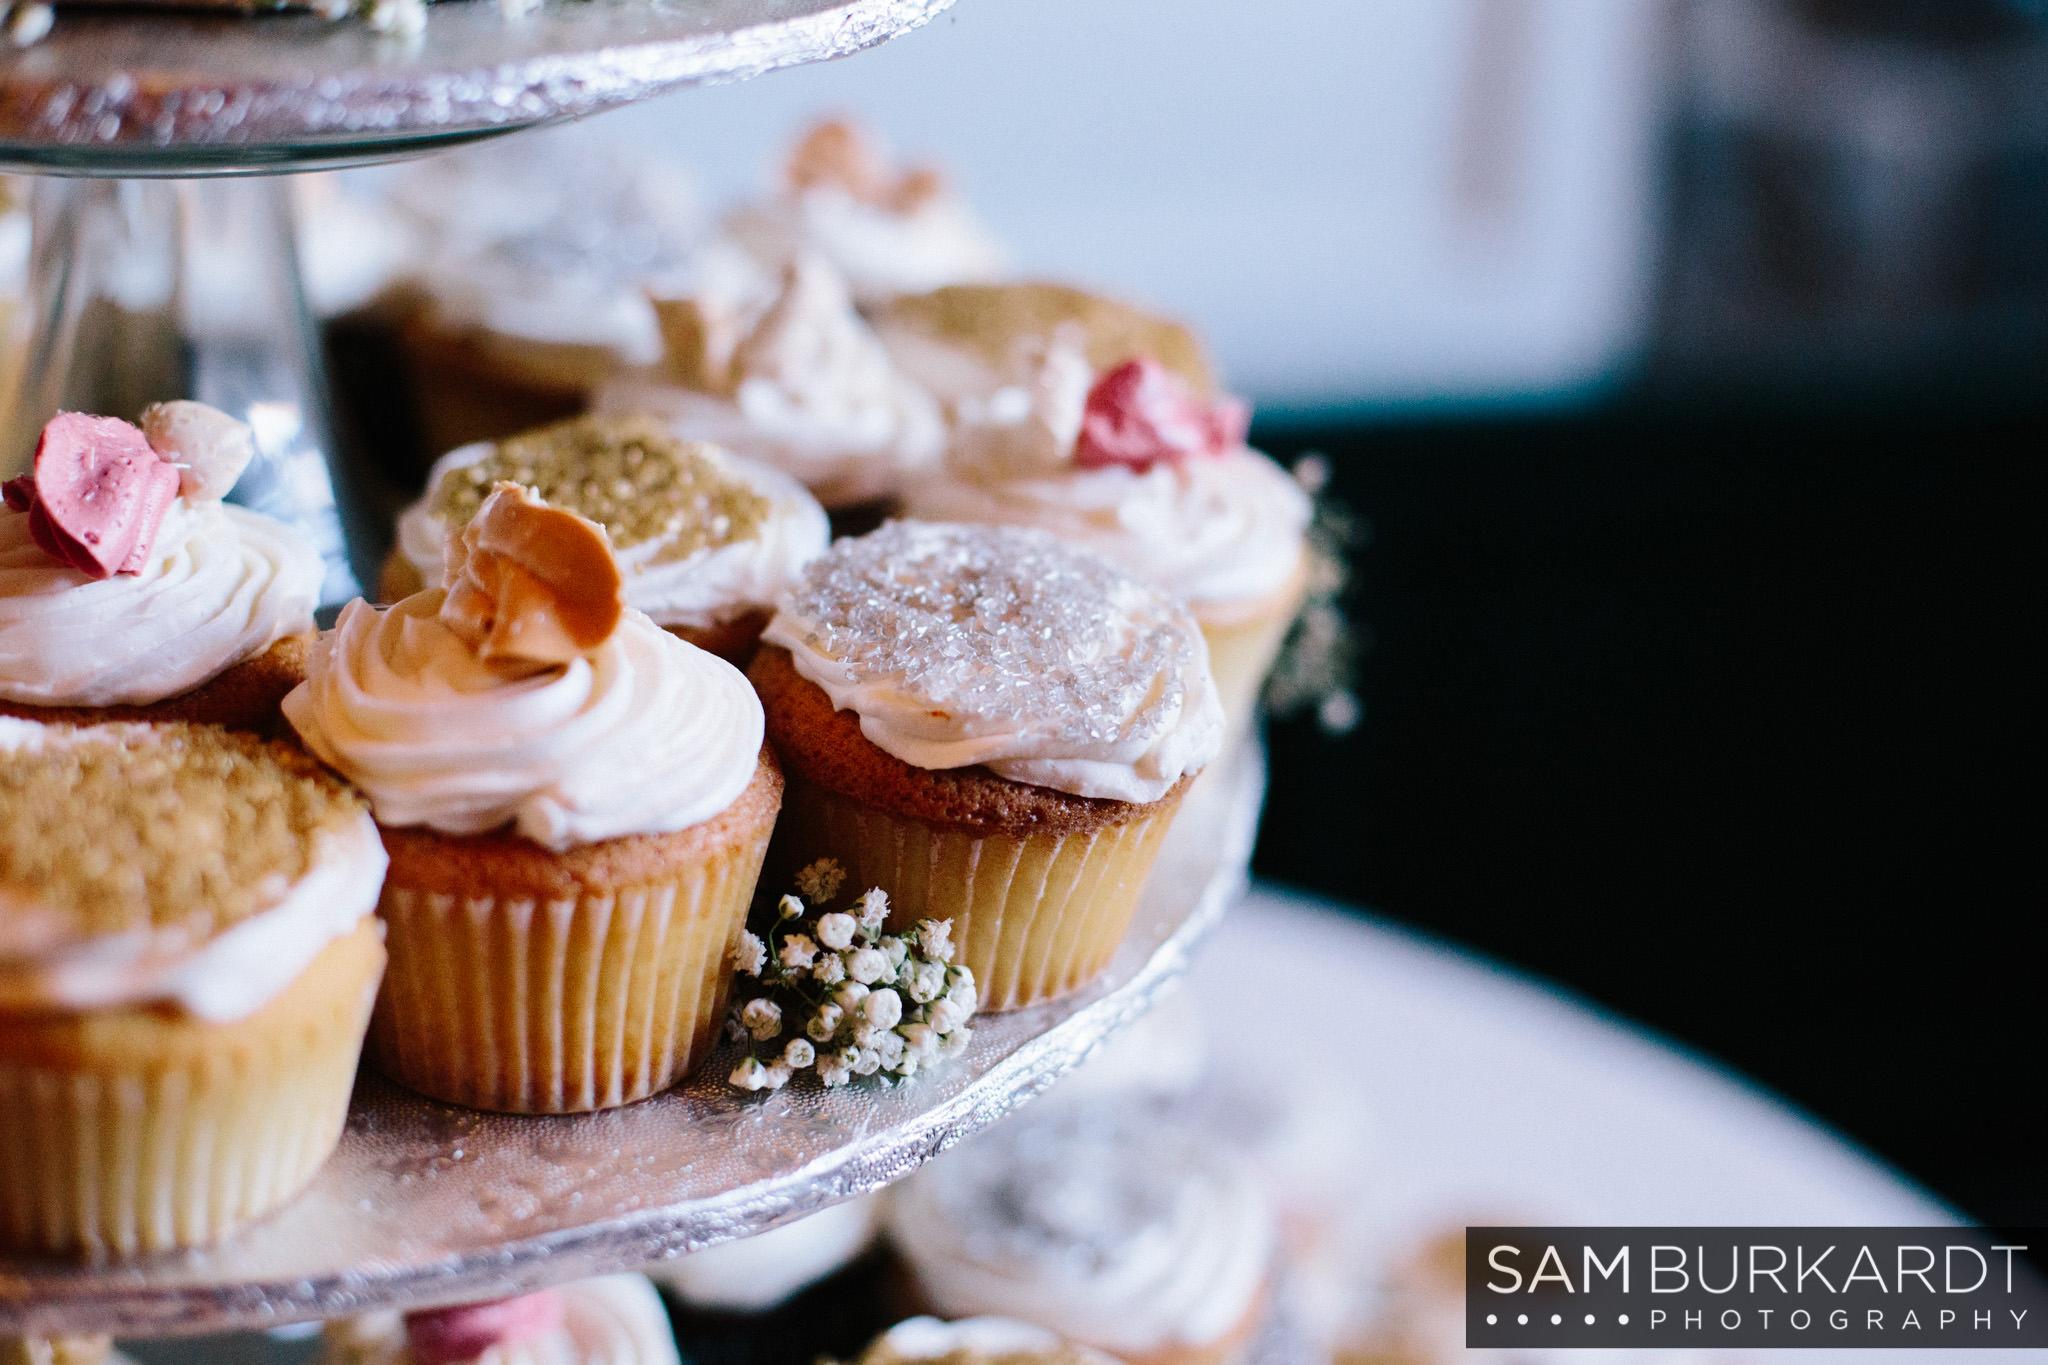 samburkardt_pond_house_hartford_wedding_fall_0055.jpg